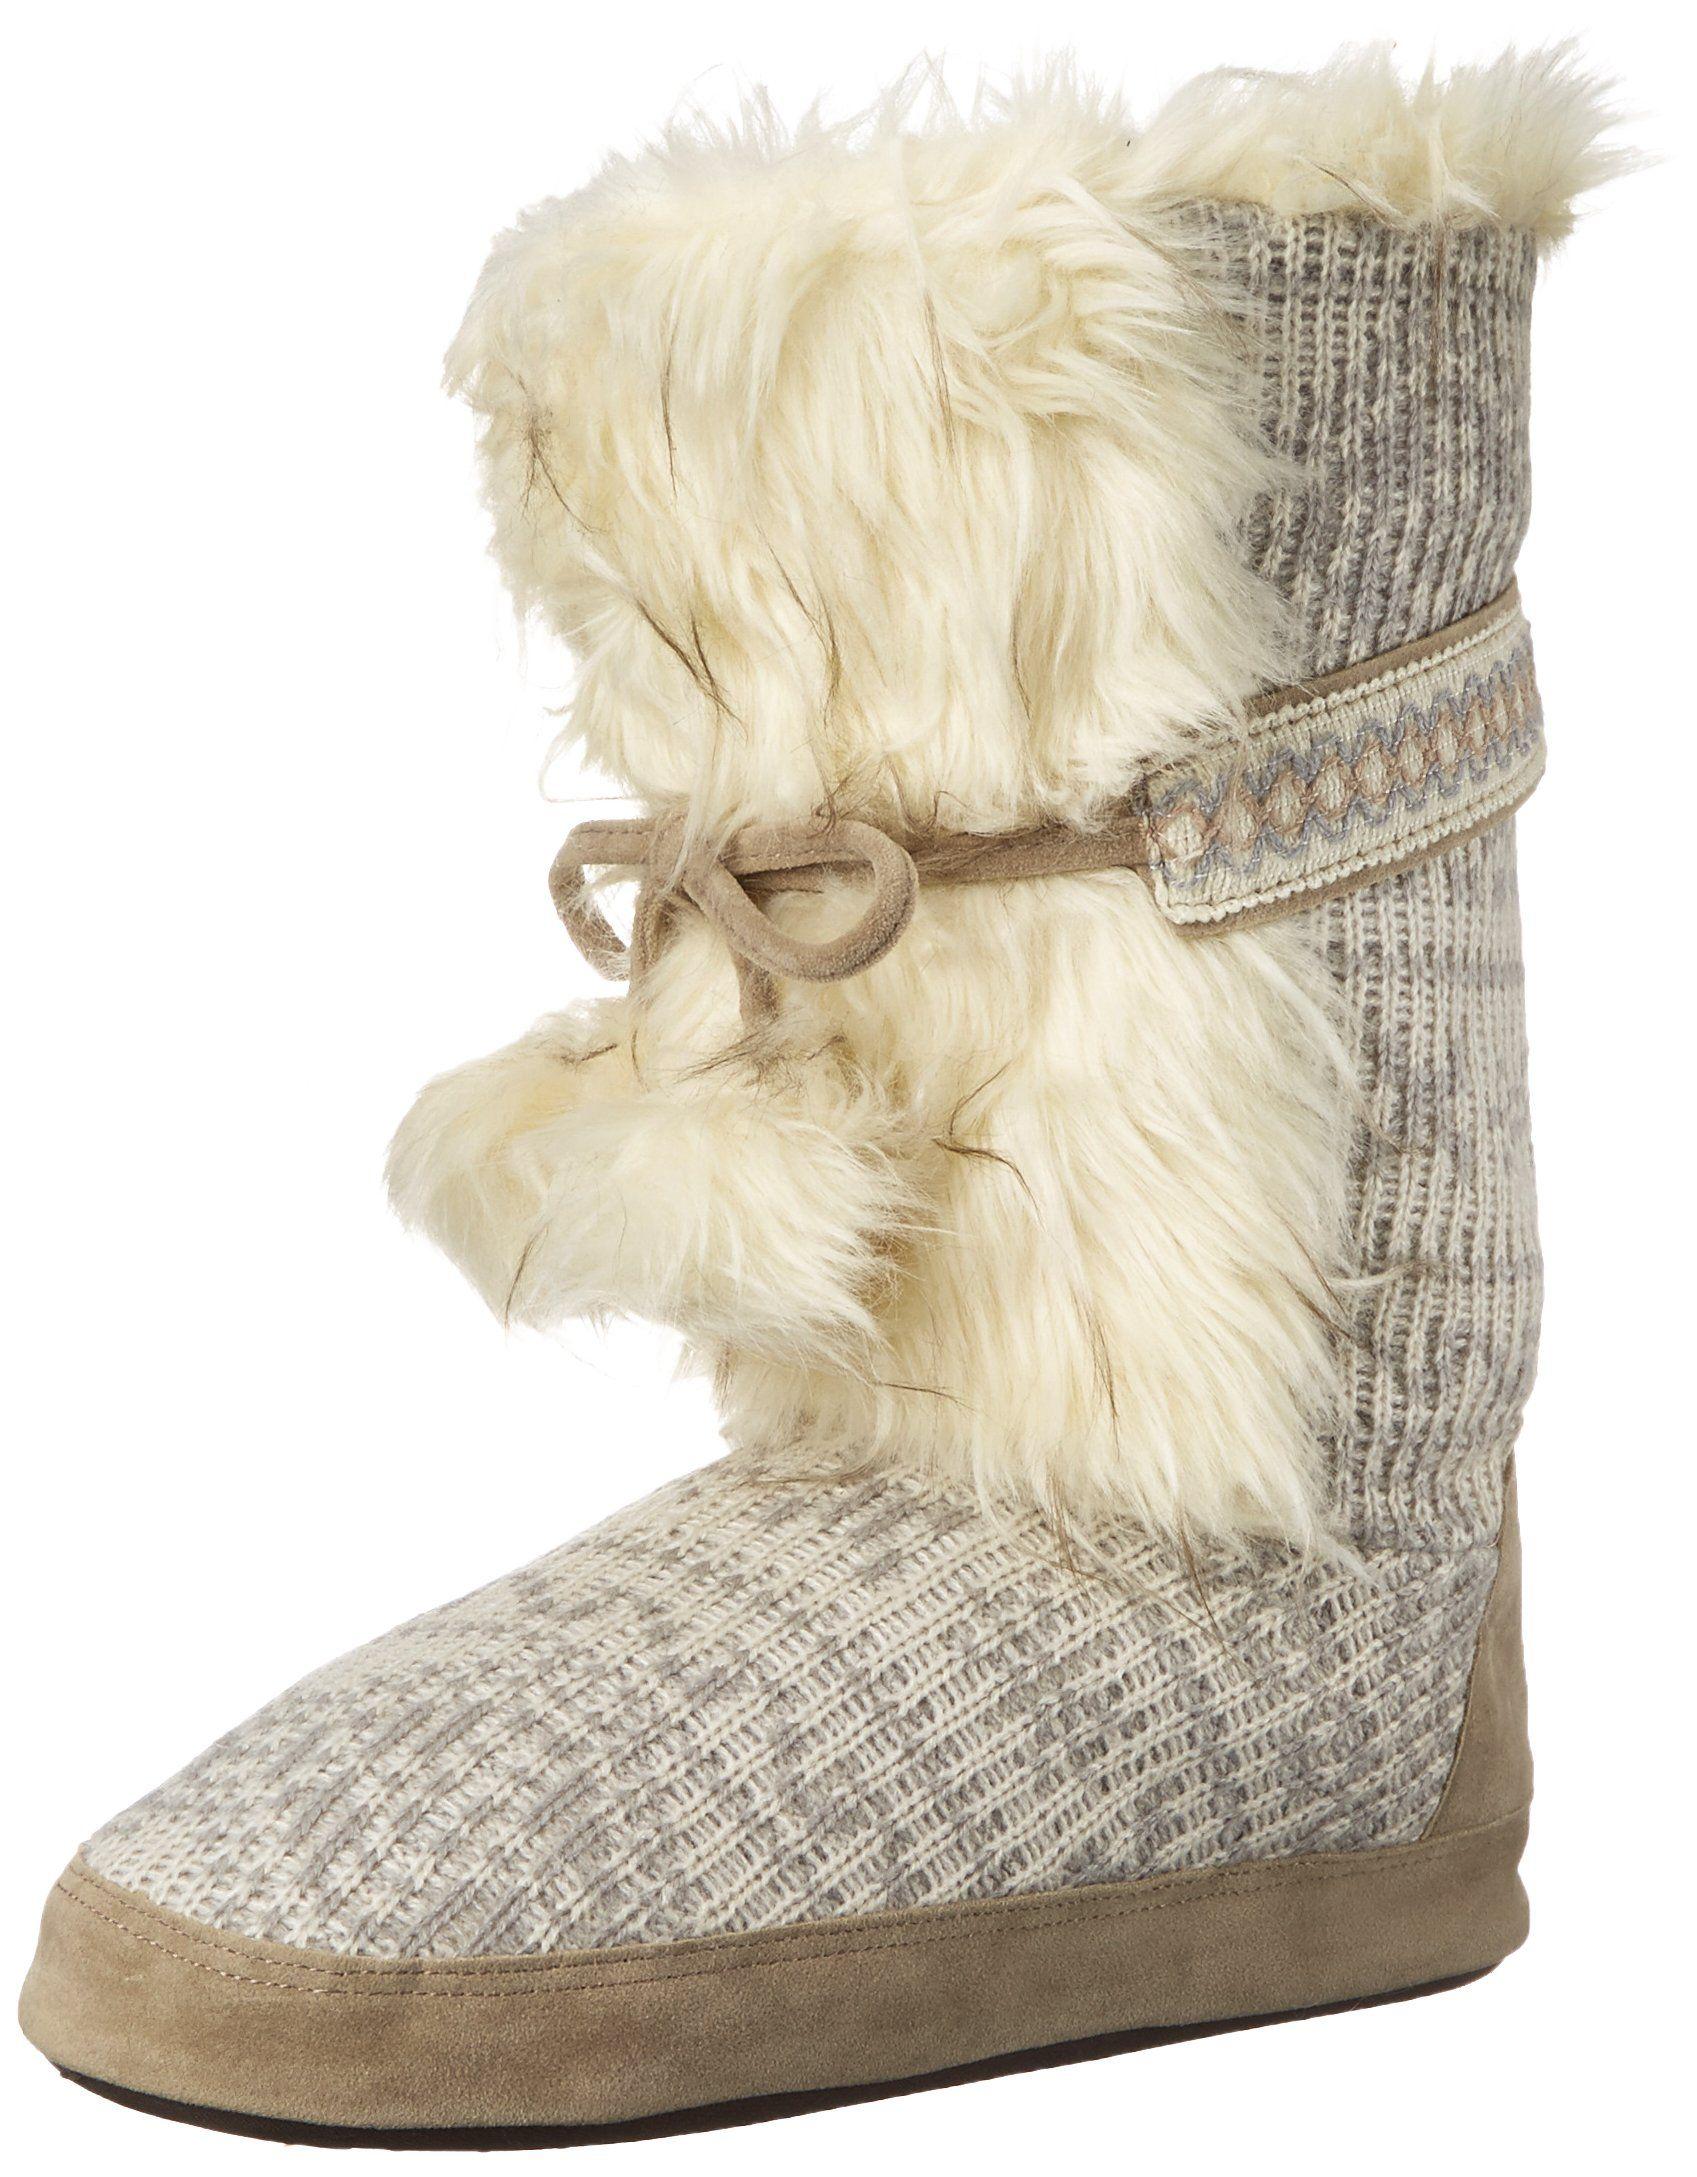 Muk Luks Womens Jewel Winter White Slouch Boot